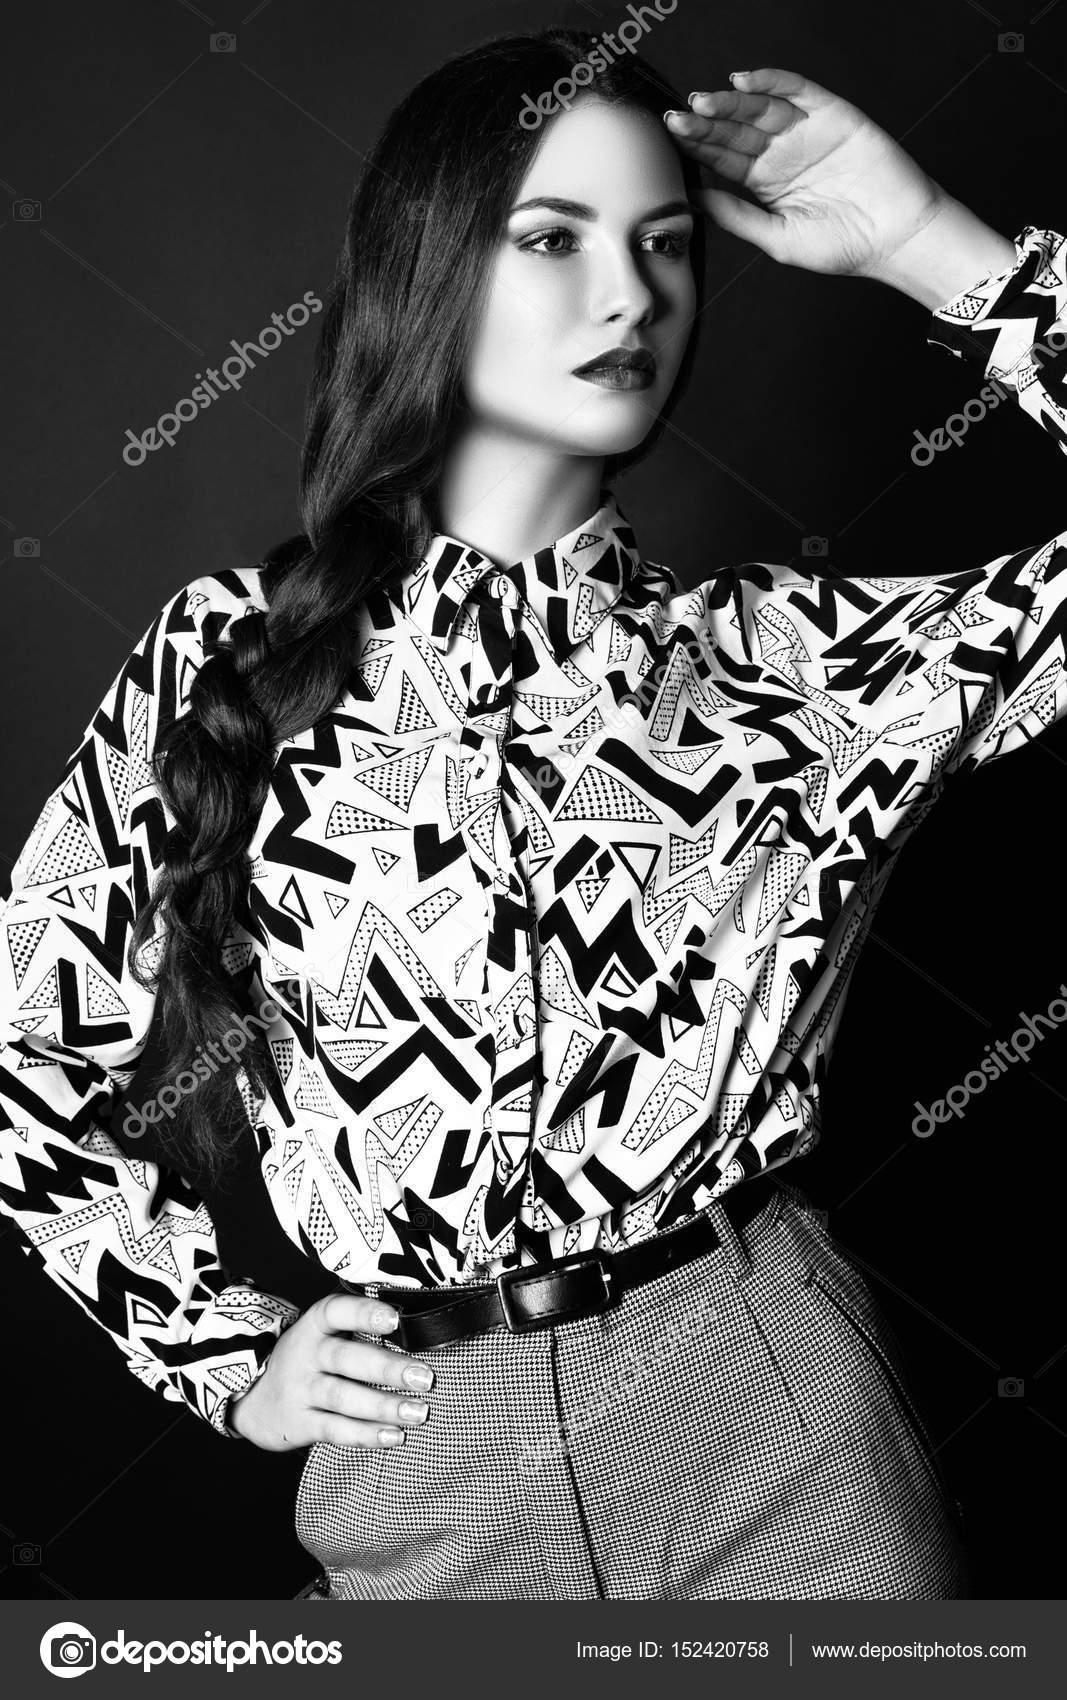 Modefoto jungen Frau auf schwarzem Hintergrund. Gekleidet in ein Hemd und  Hose mit Ornament. Mädchen posiert. Studio Foto. ccd4b3cc1d